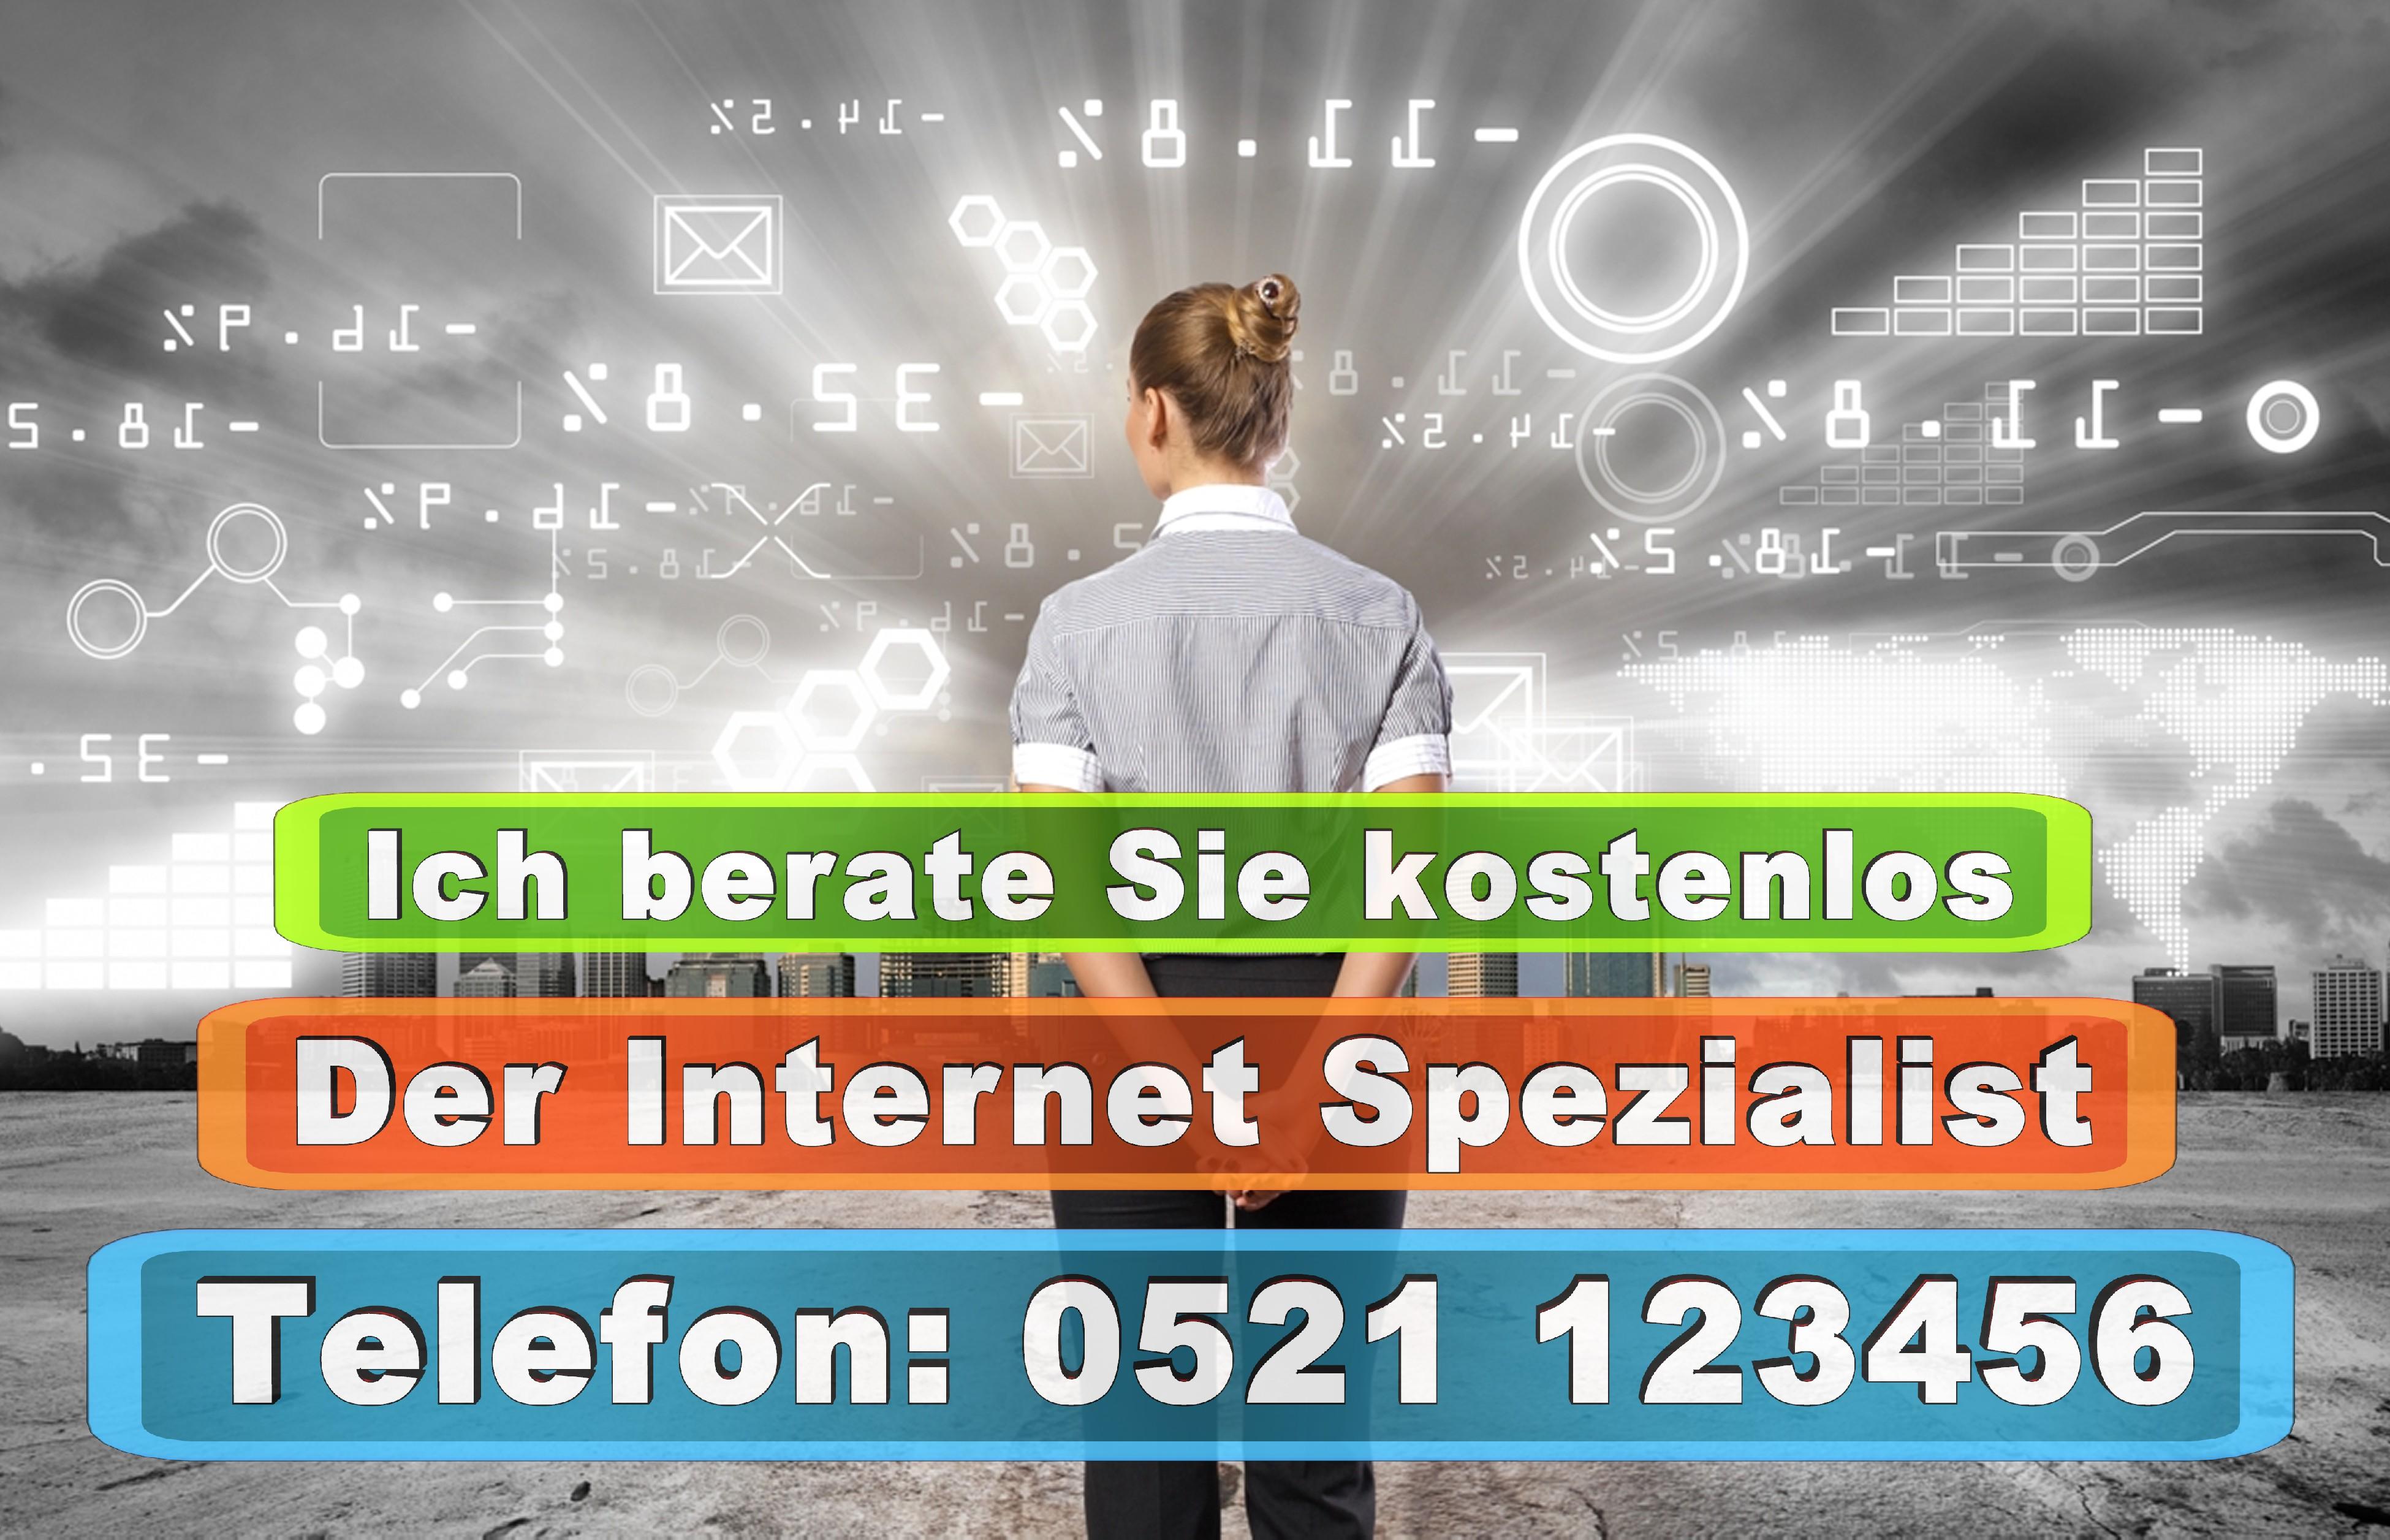 Bielefeld Werbeagenturen Druckereien Werbeplakate Print Druck Internet Computer Grafiker Designer Mode Geschäfte Bekleidung (15)